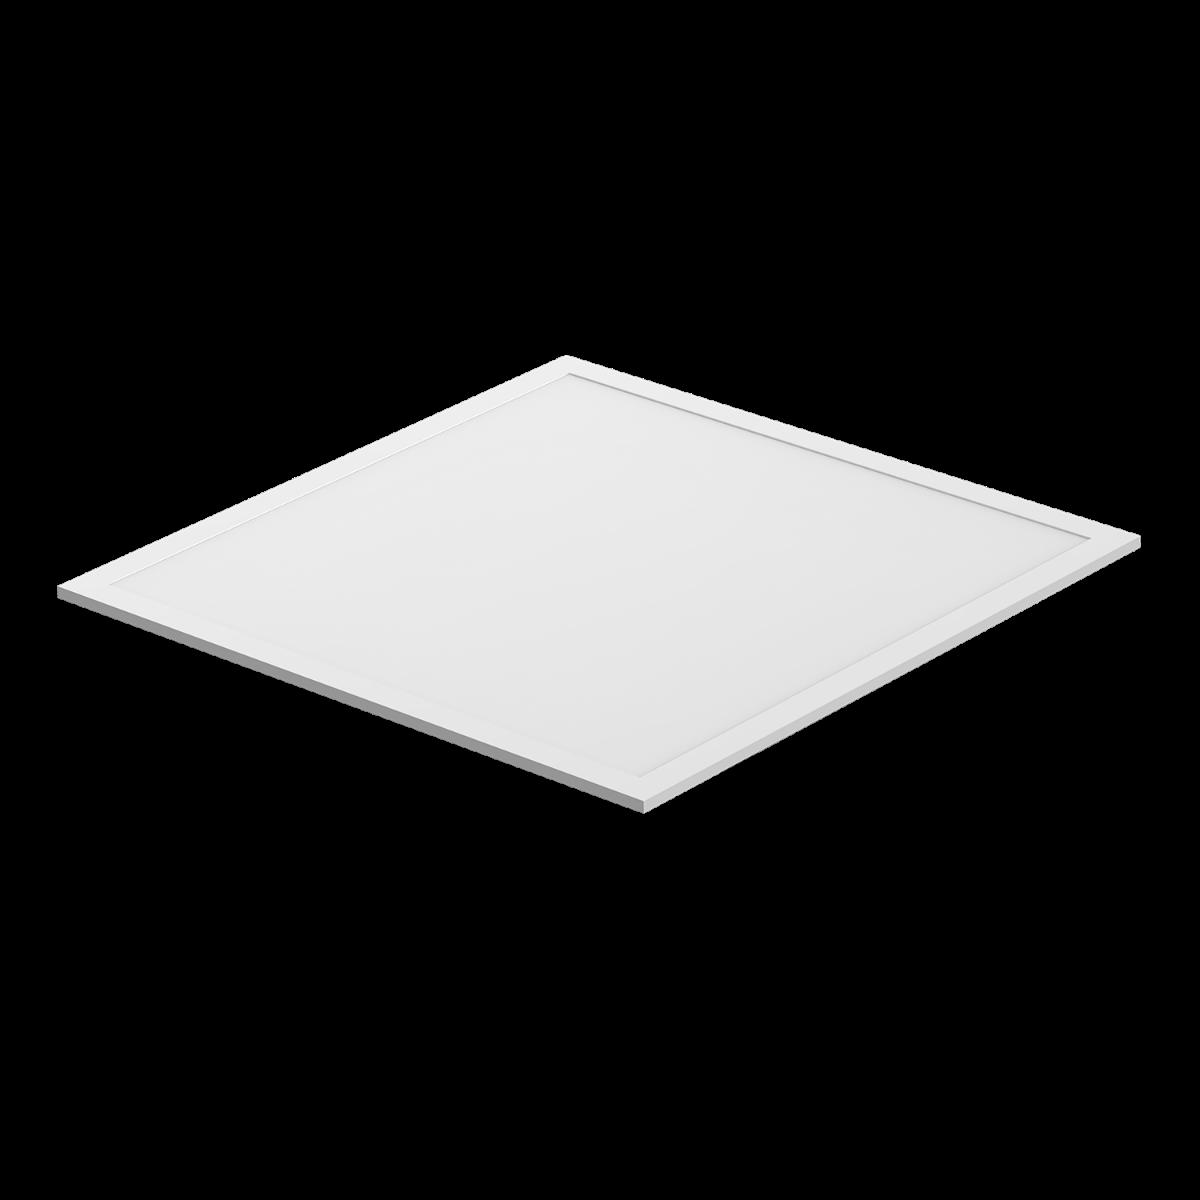 Noxion LED Panel Econox 32W 60x60cm 6500K 4400lm UGR <22   Tageslichtweiß - Ersatz für 4x18W